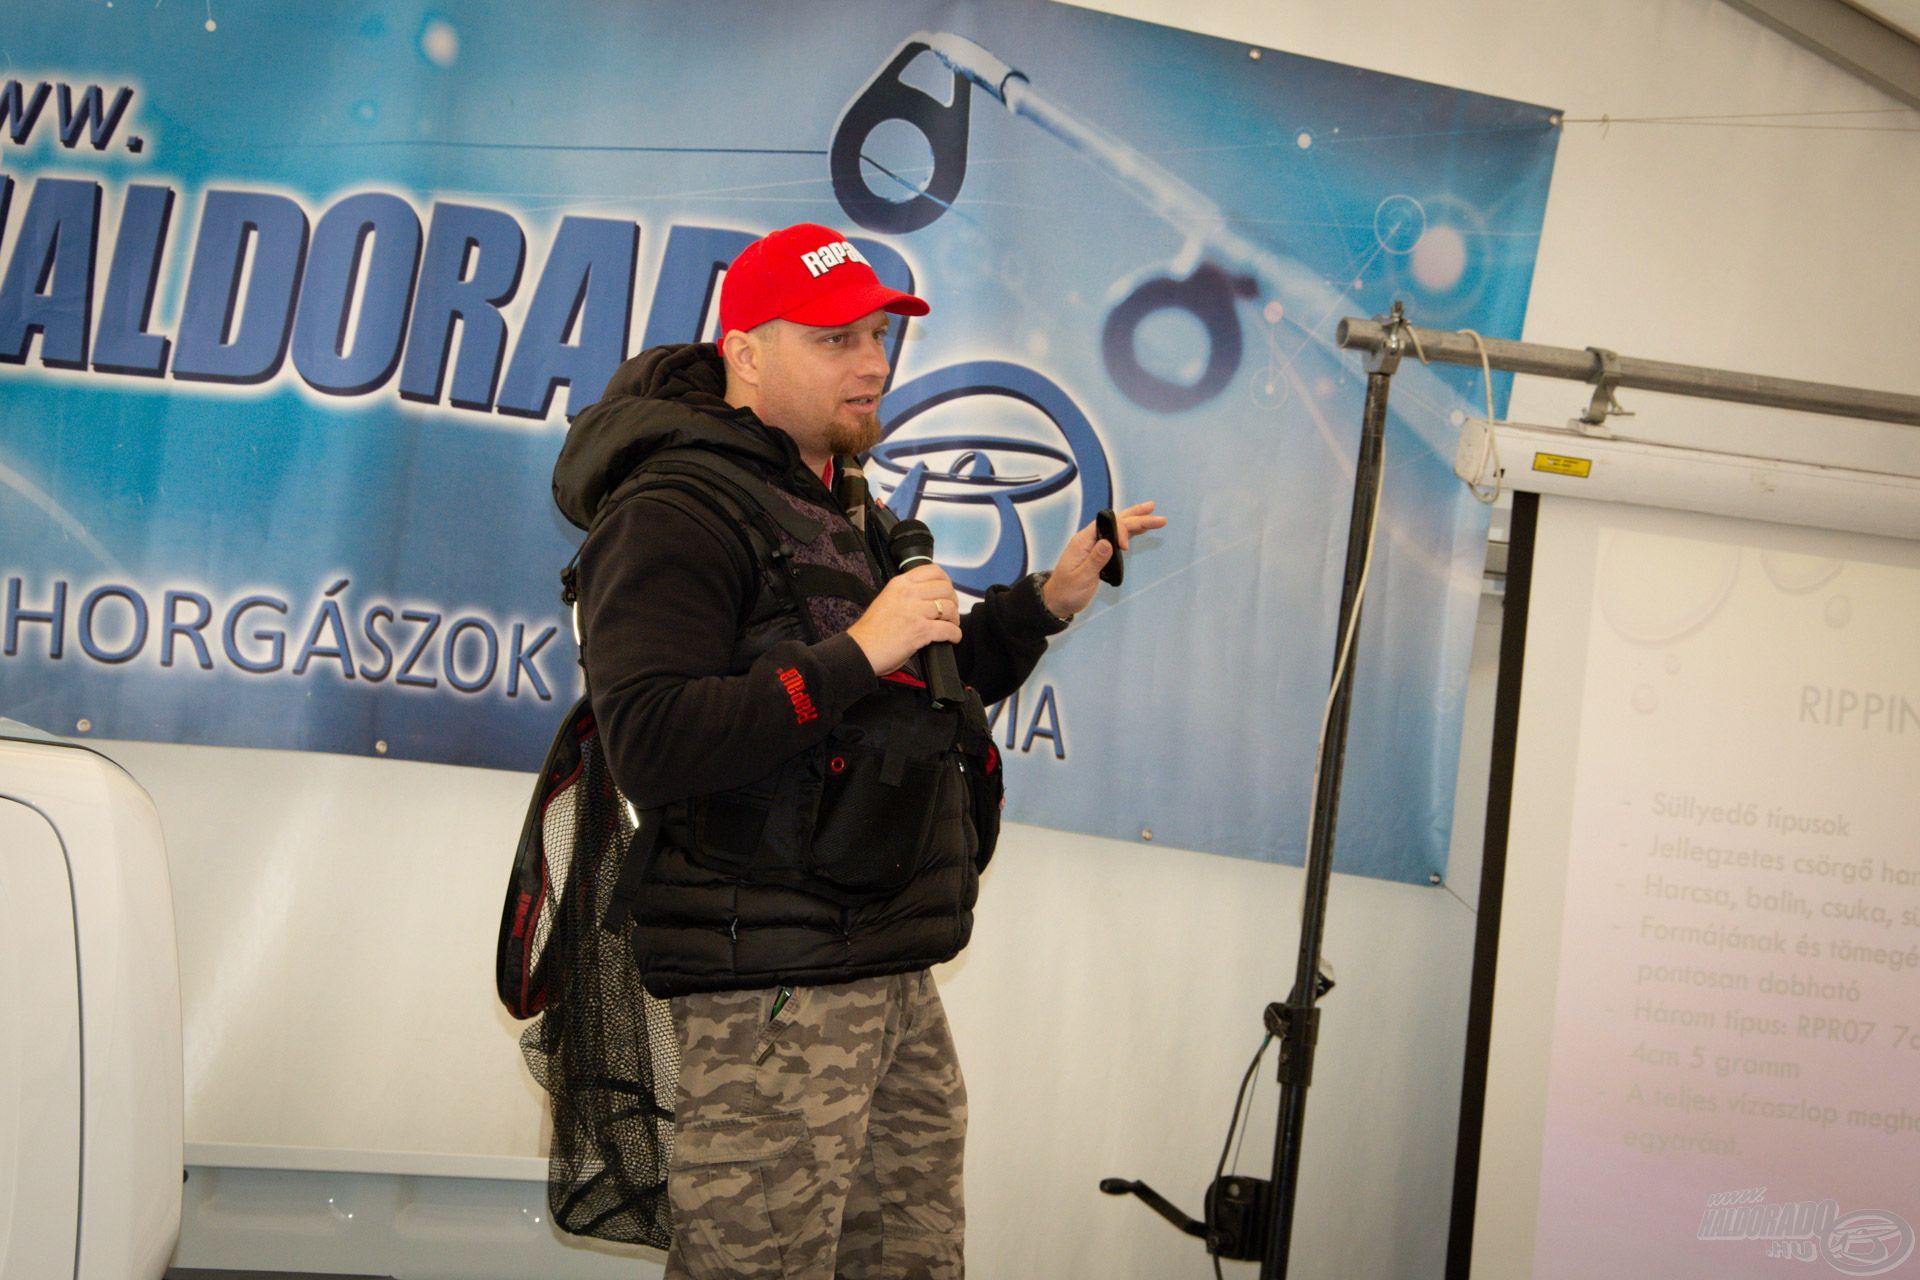 Kecskés Viktor a finom pergető horgászat témakörében osztott meg hasznos tapasztalatokat a színpadon